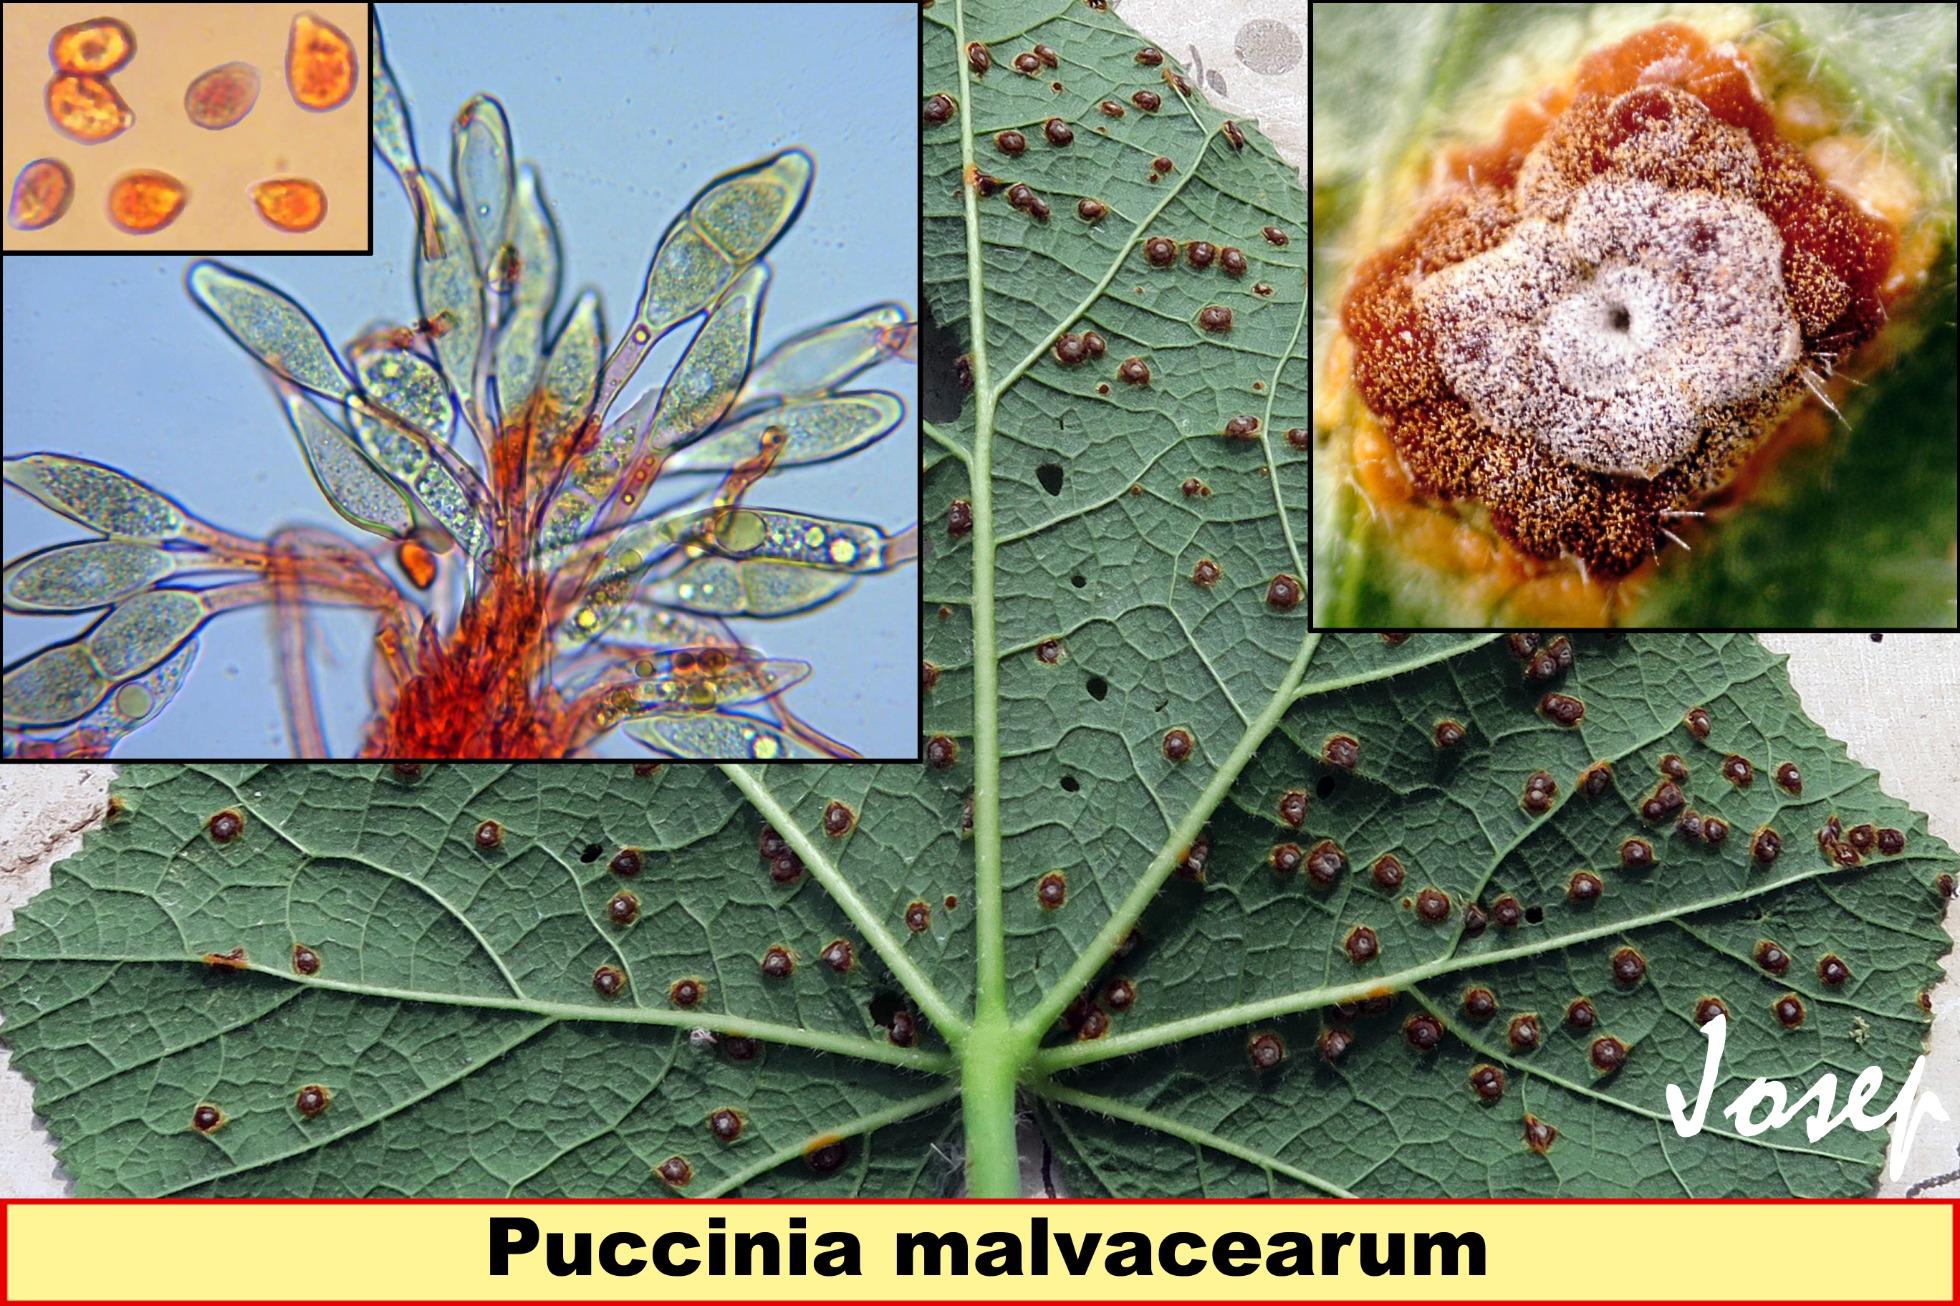 Pucciniamalvacearum_2020-03-01.jpg